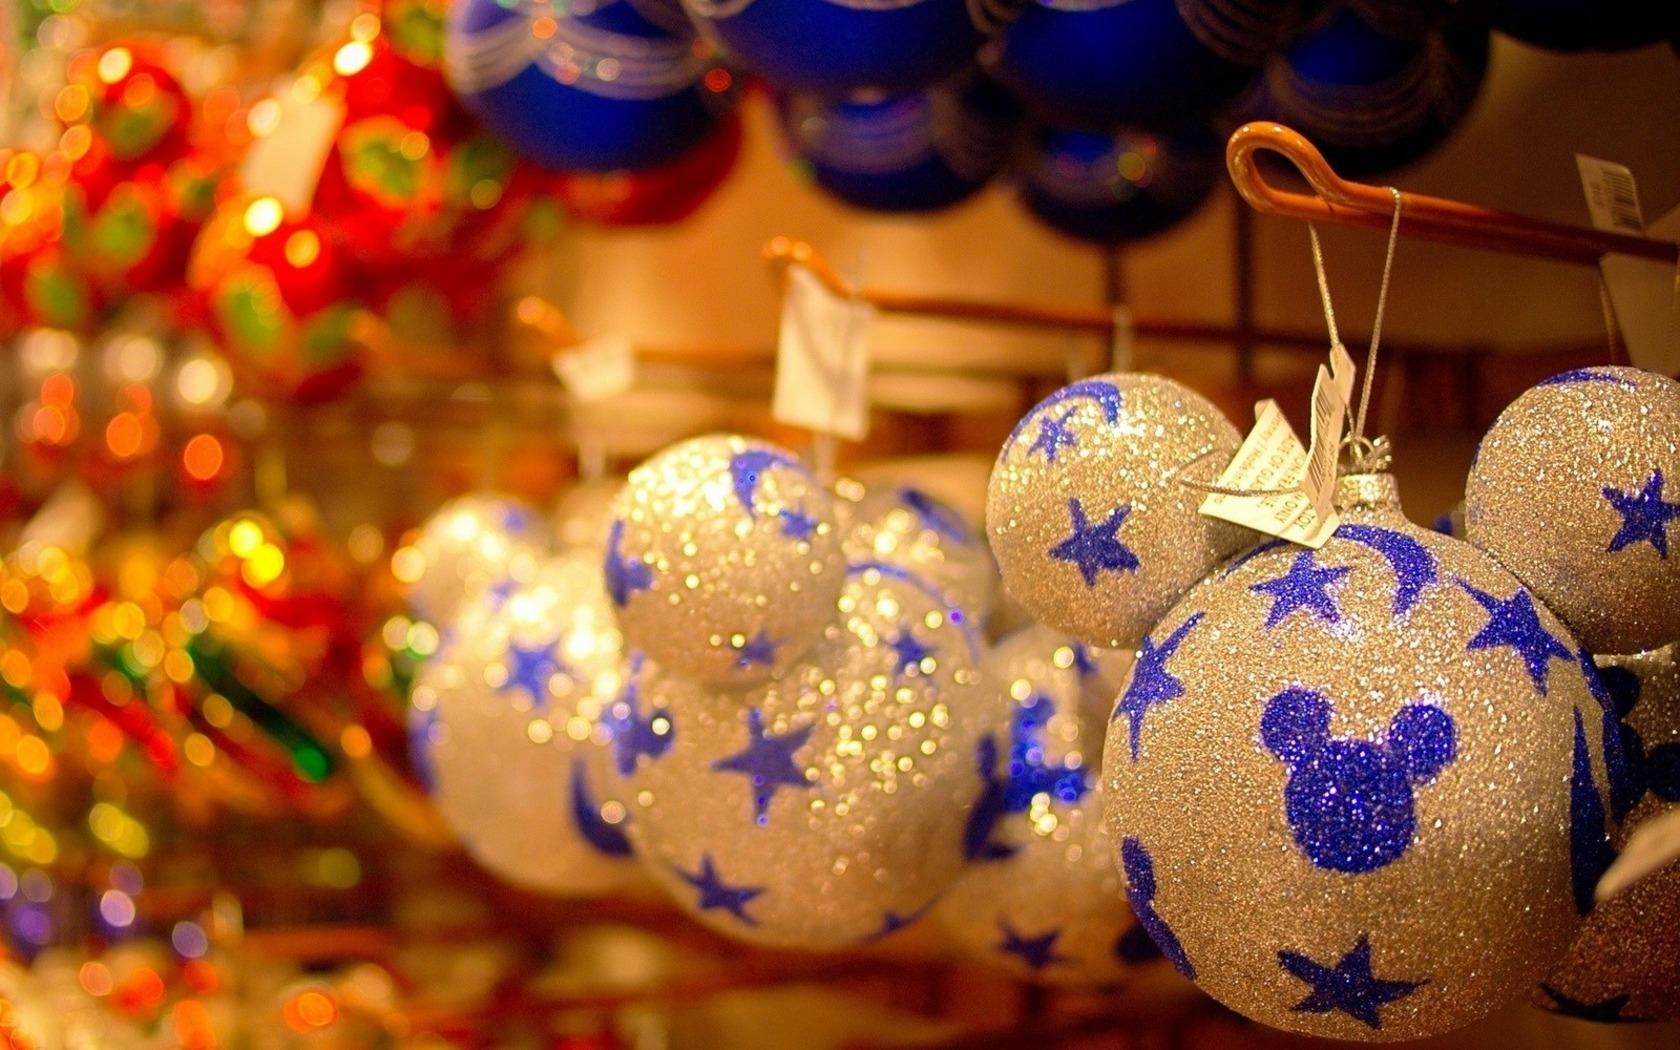 Новогодняя картинка с шарами, для мужчины смыслом